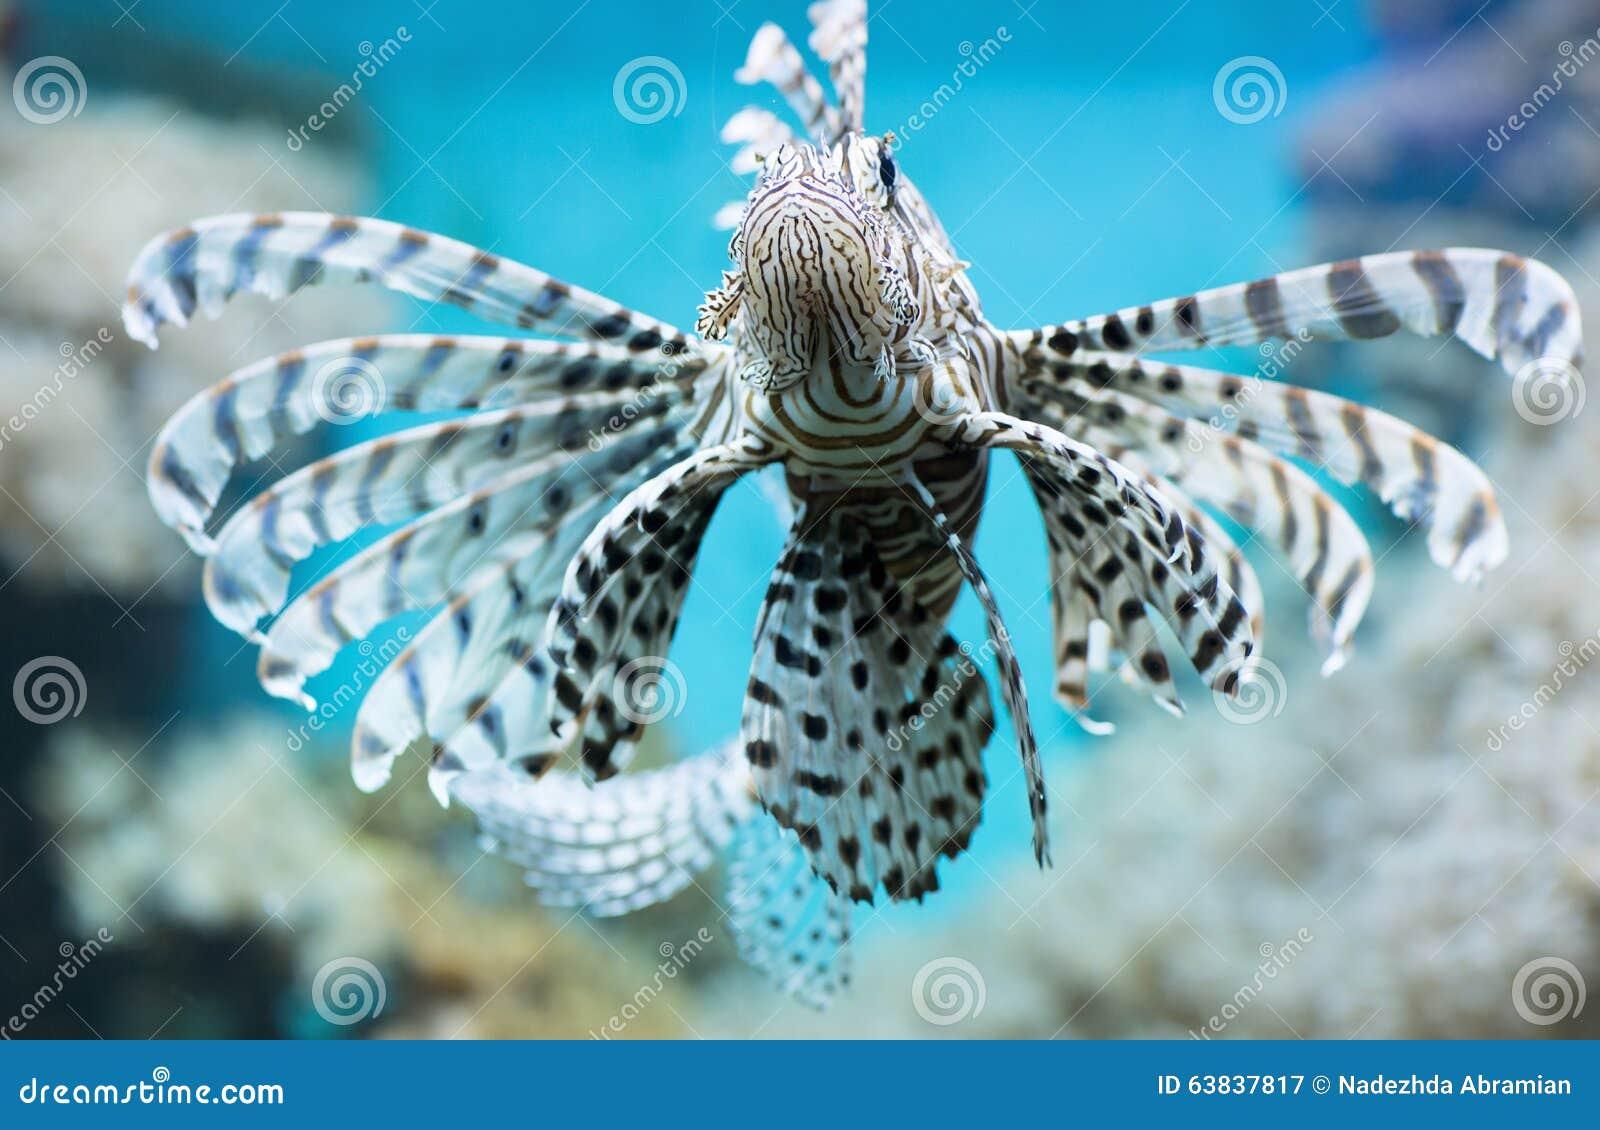 Arrêtons de parler de zèbres, merci. - Page 2 Le-poisson-nage-dans-l-aquarium-zbre-ailes-63837817